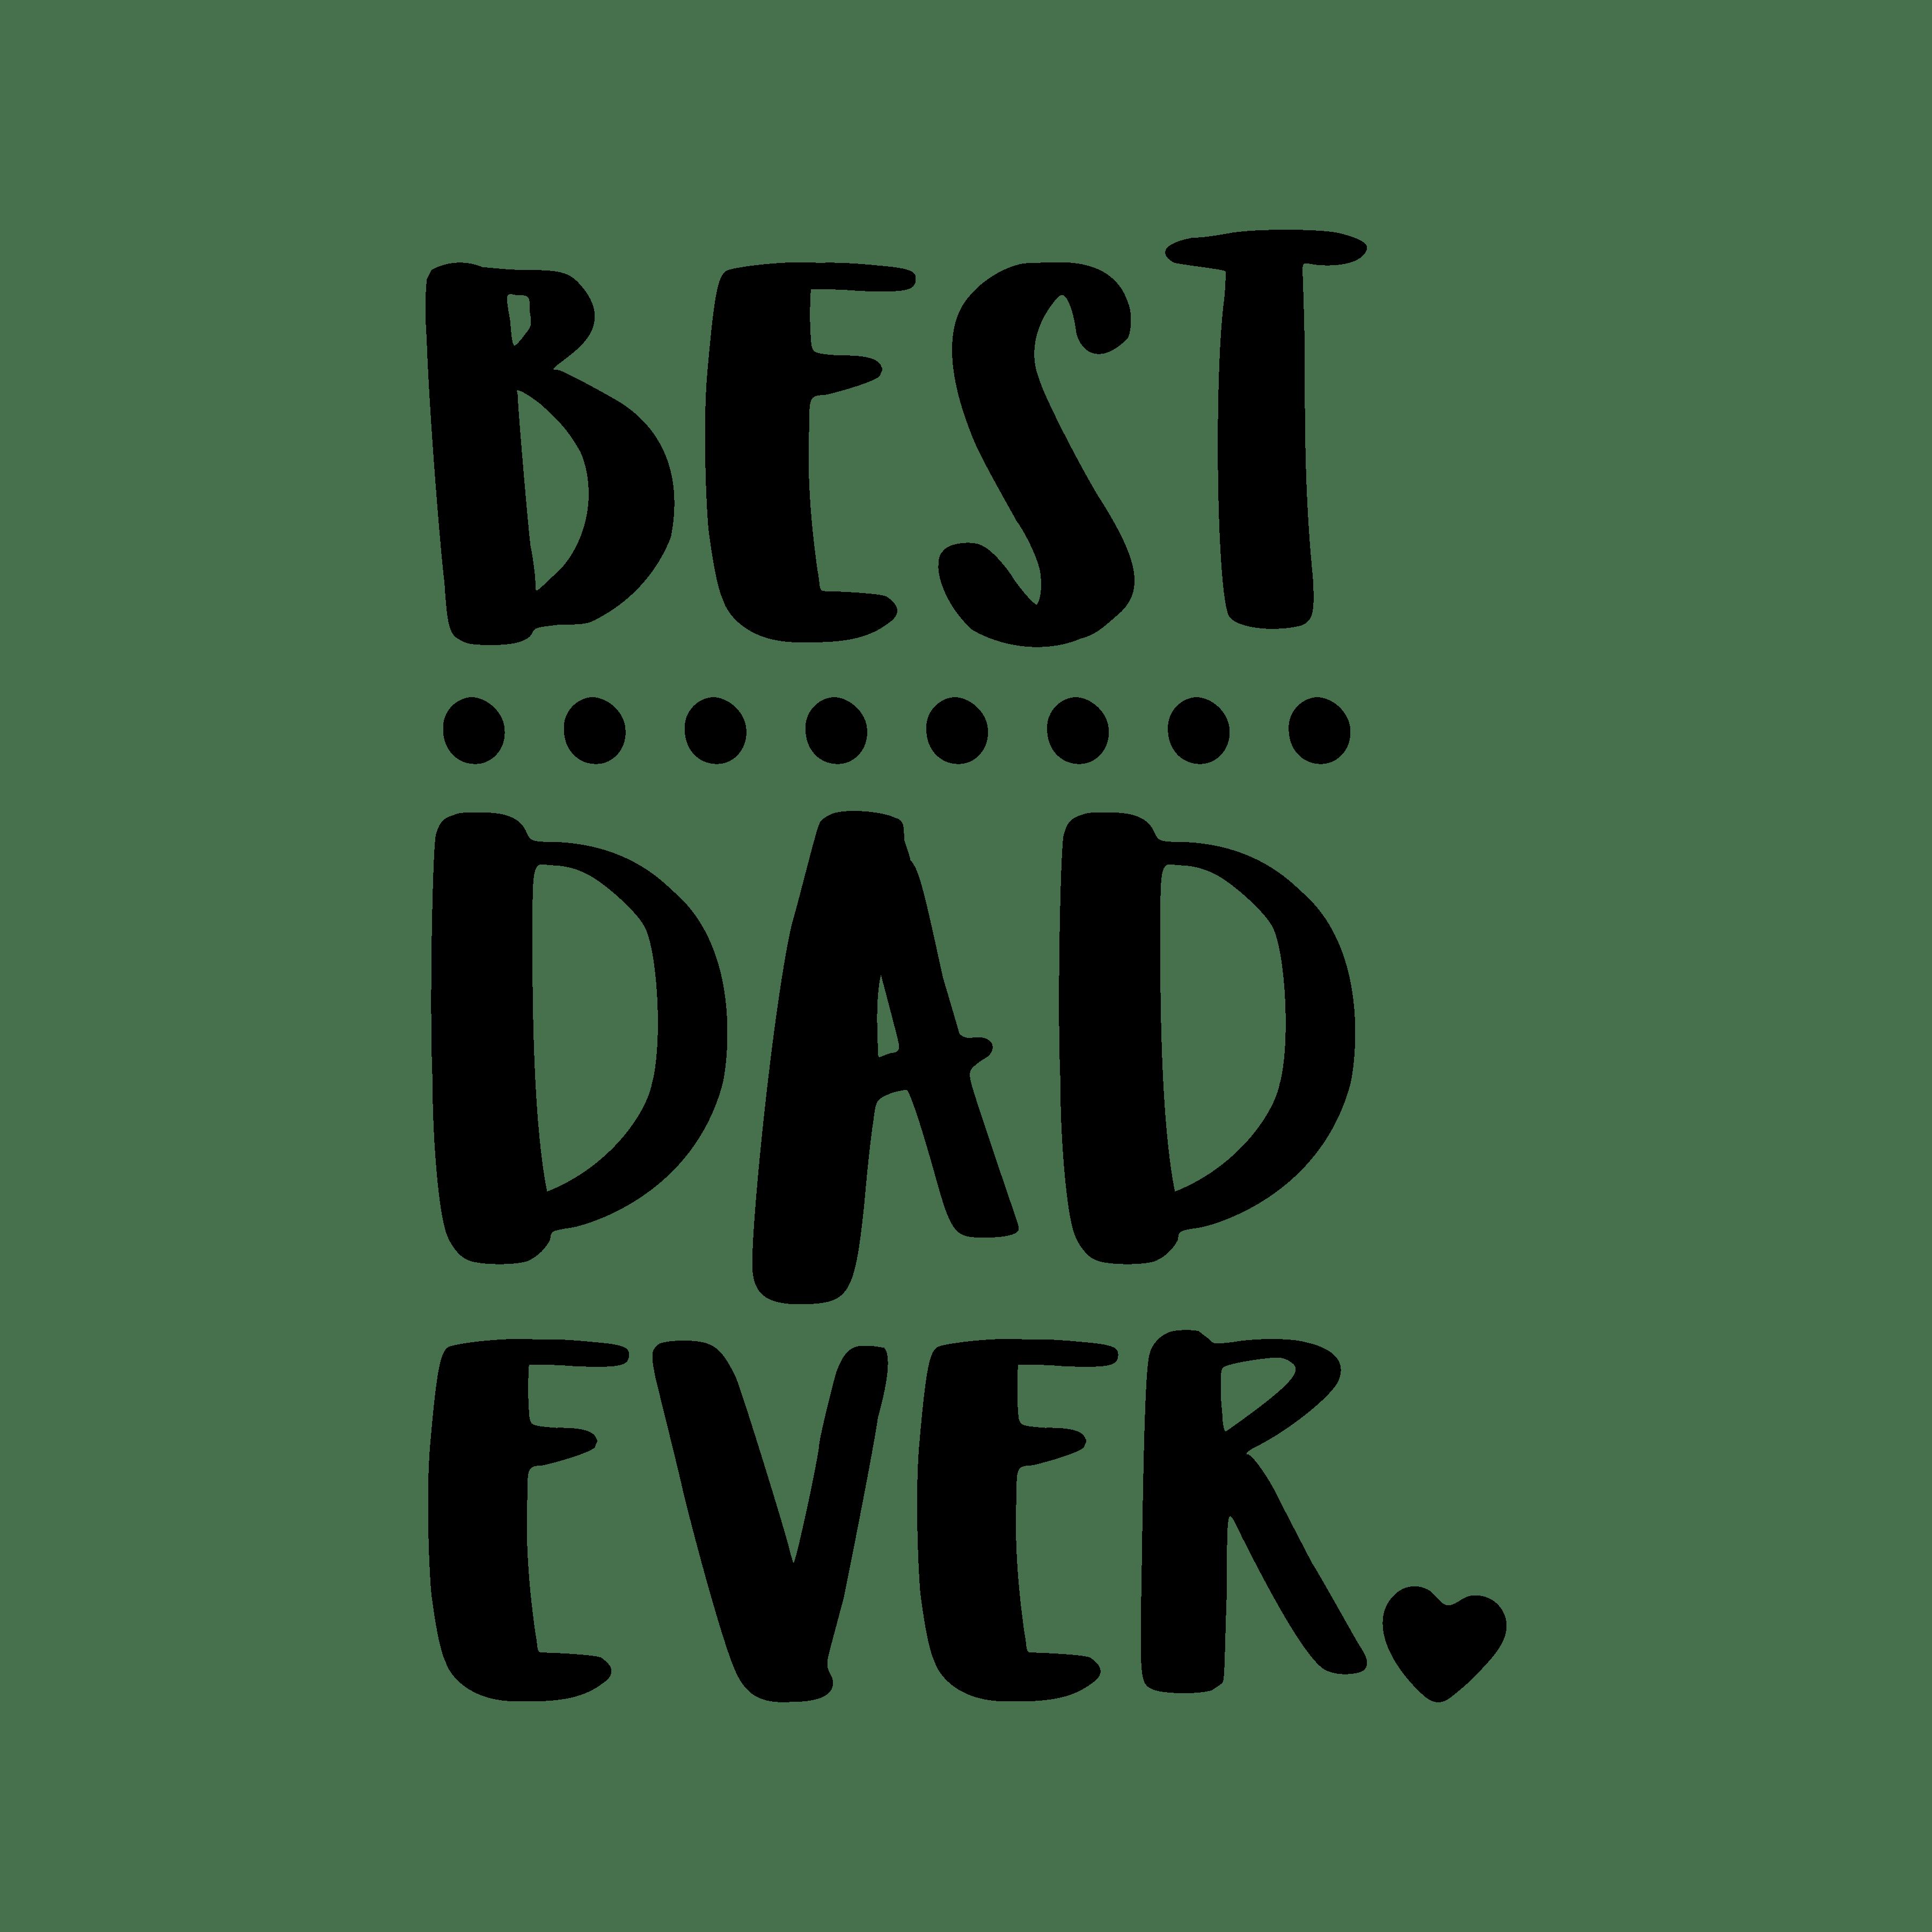 best dad ever svg - Best Dad PNG